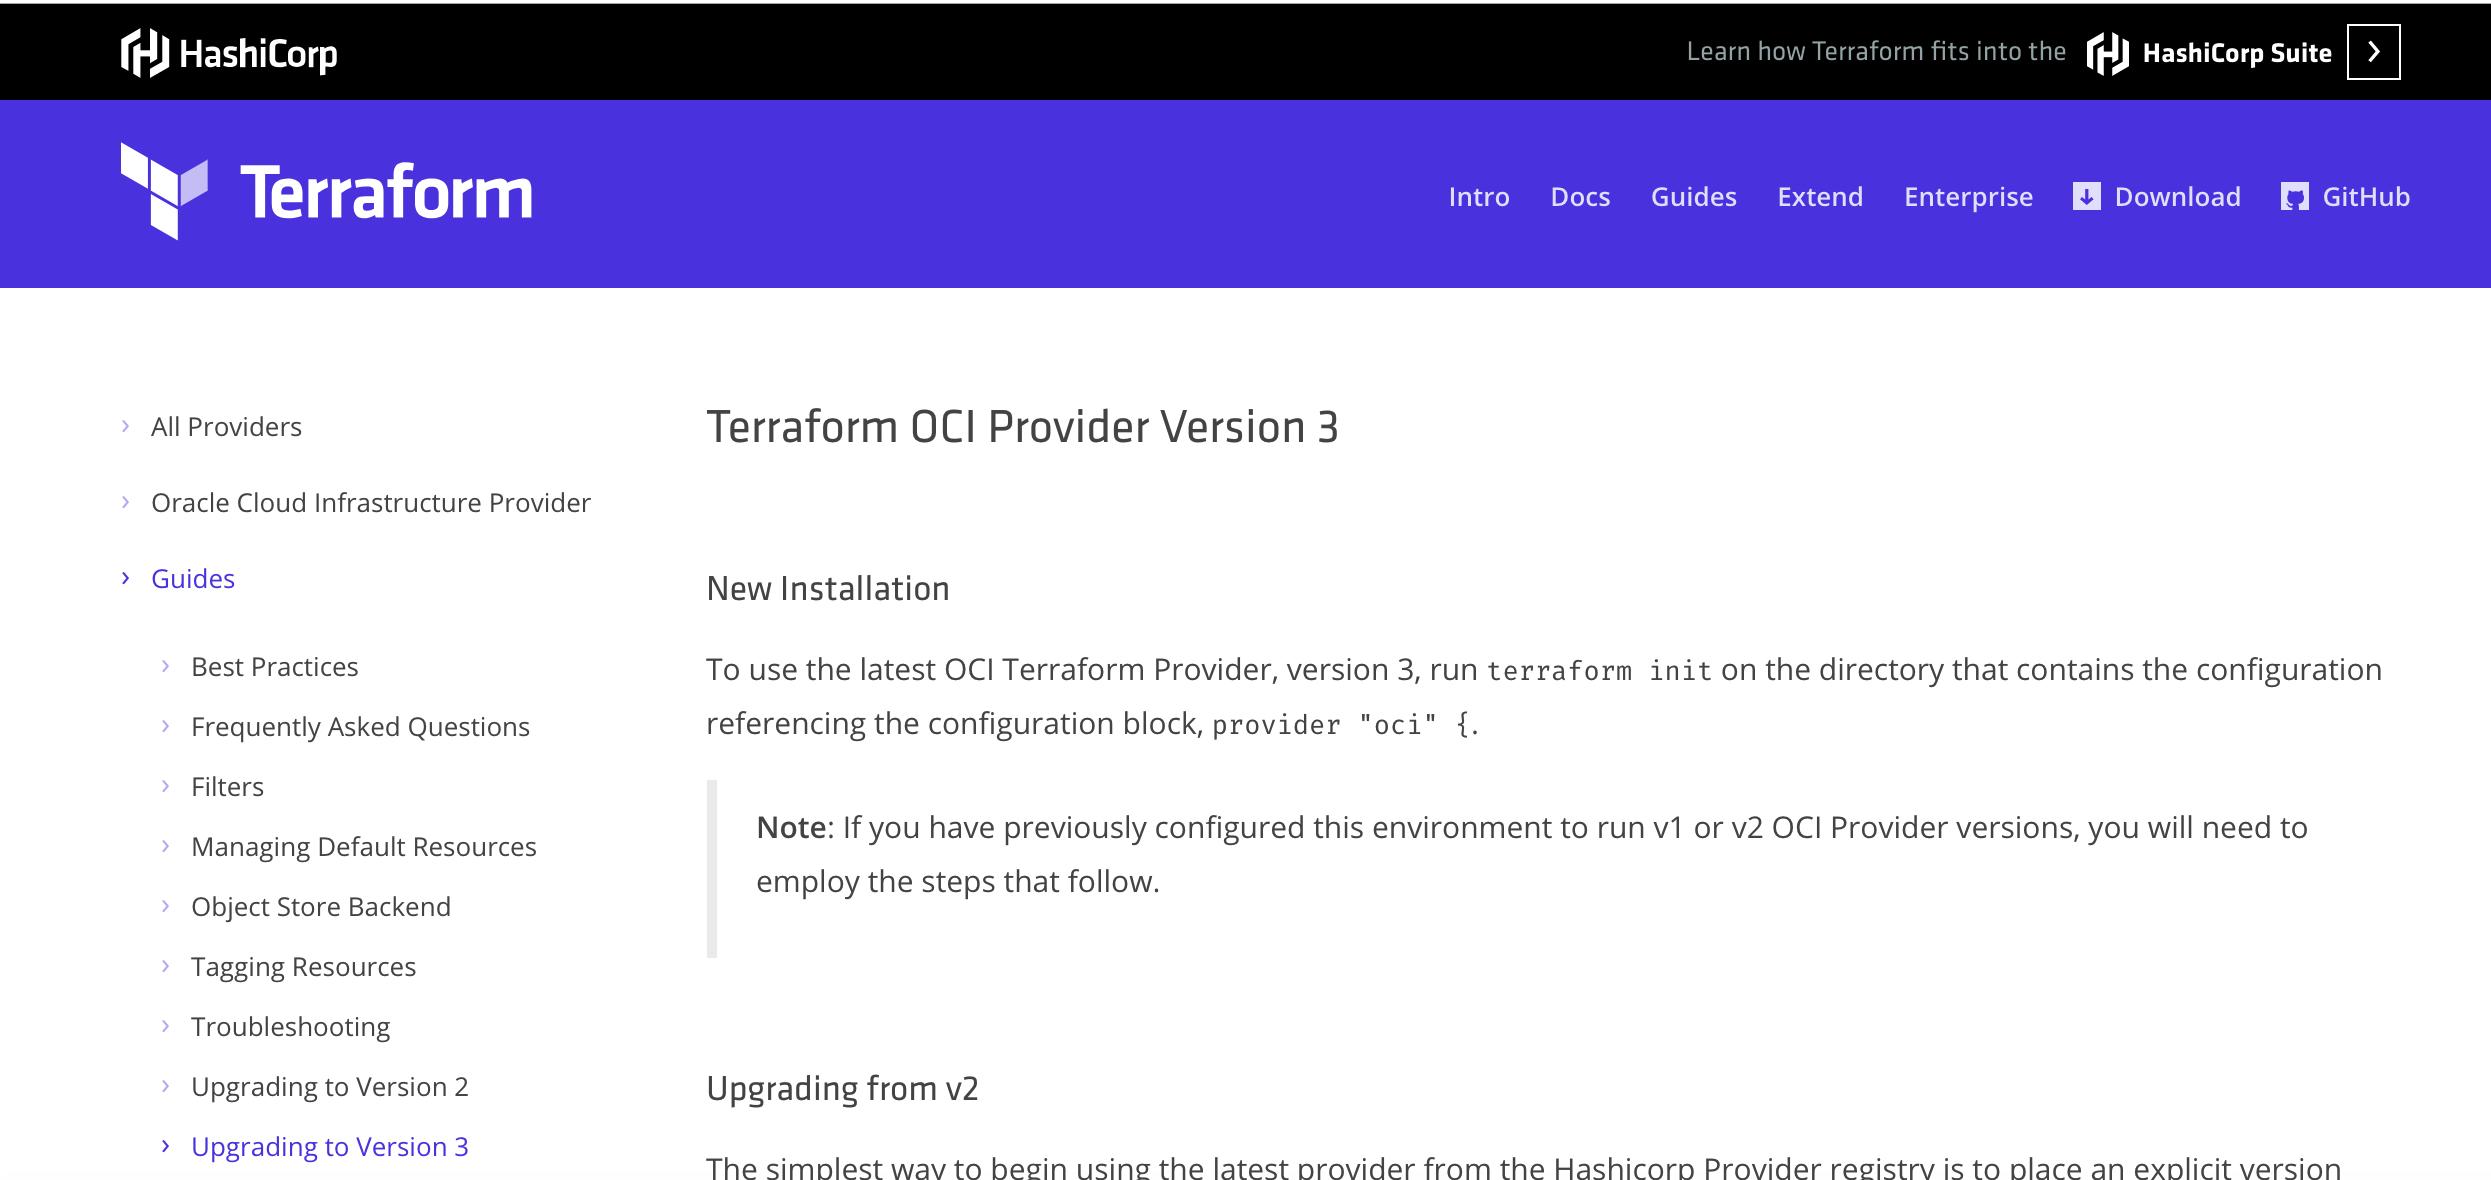 Terraform_OCI_Provider_Version_3